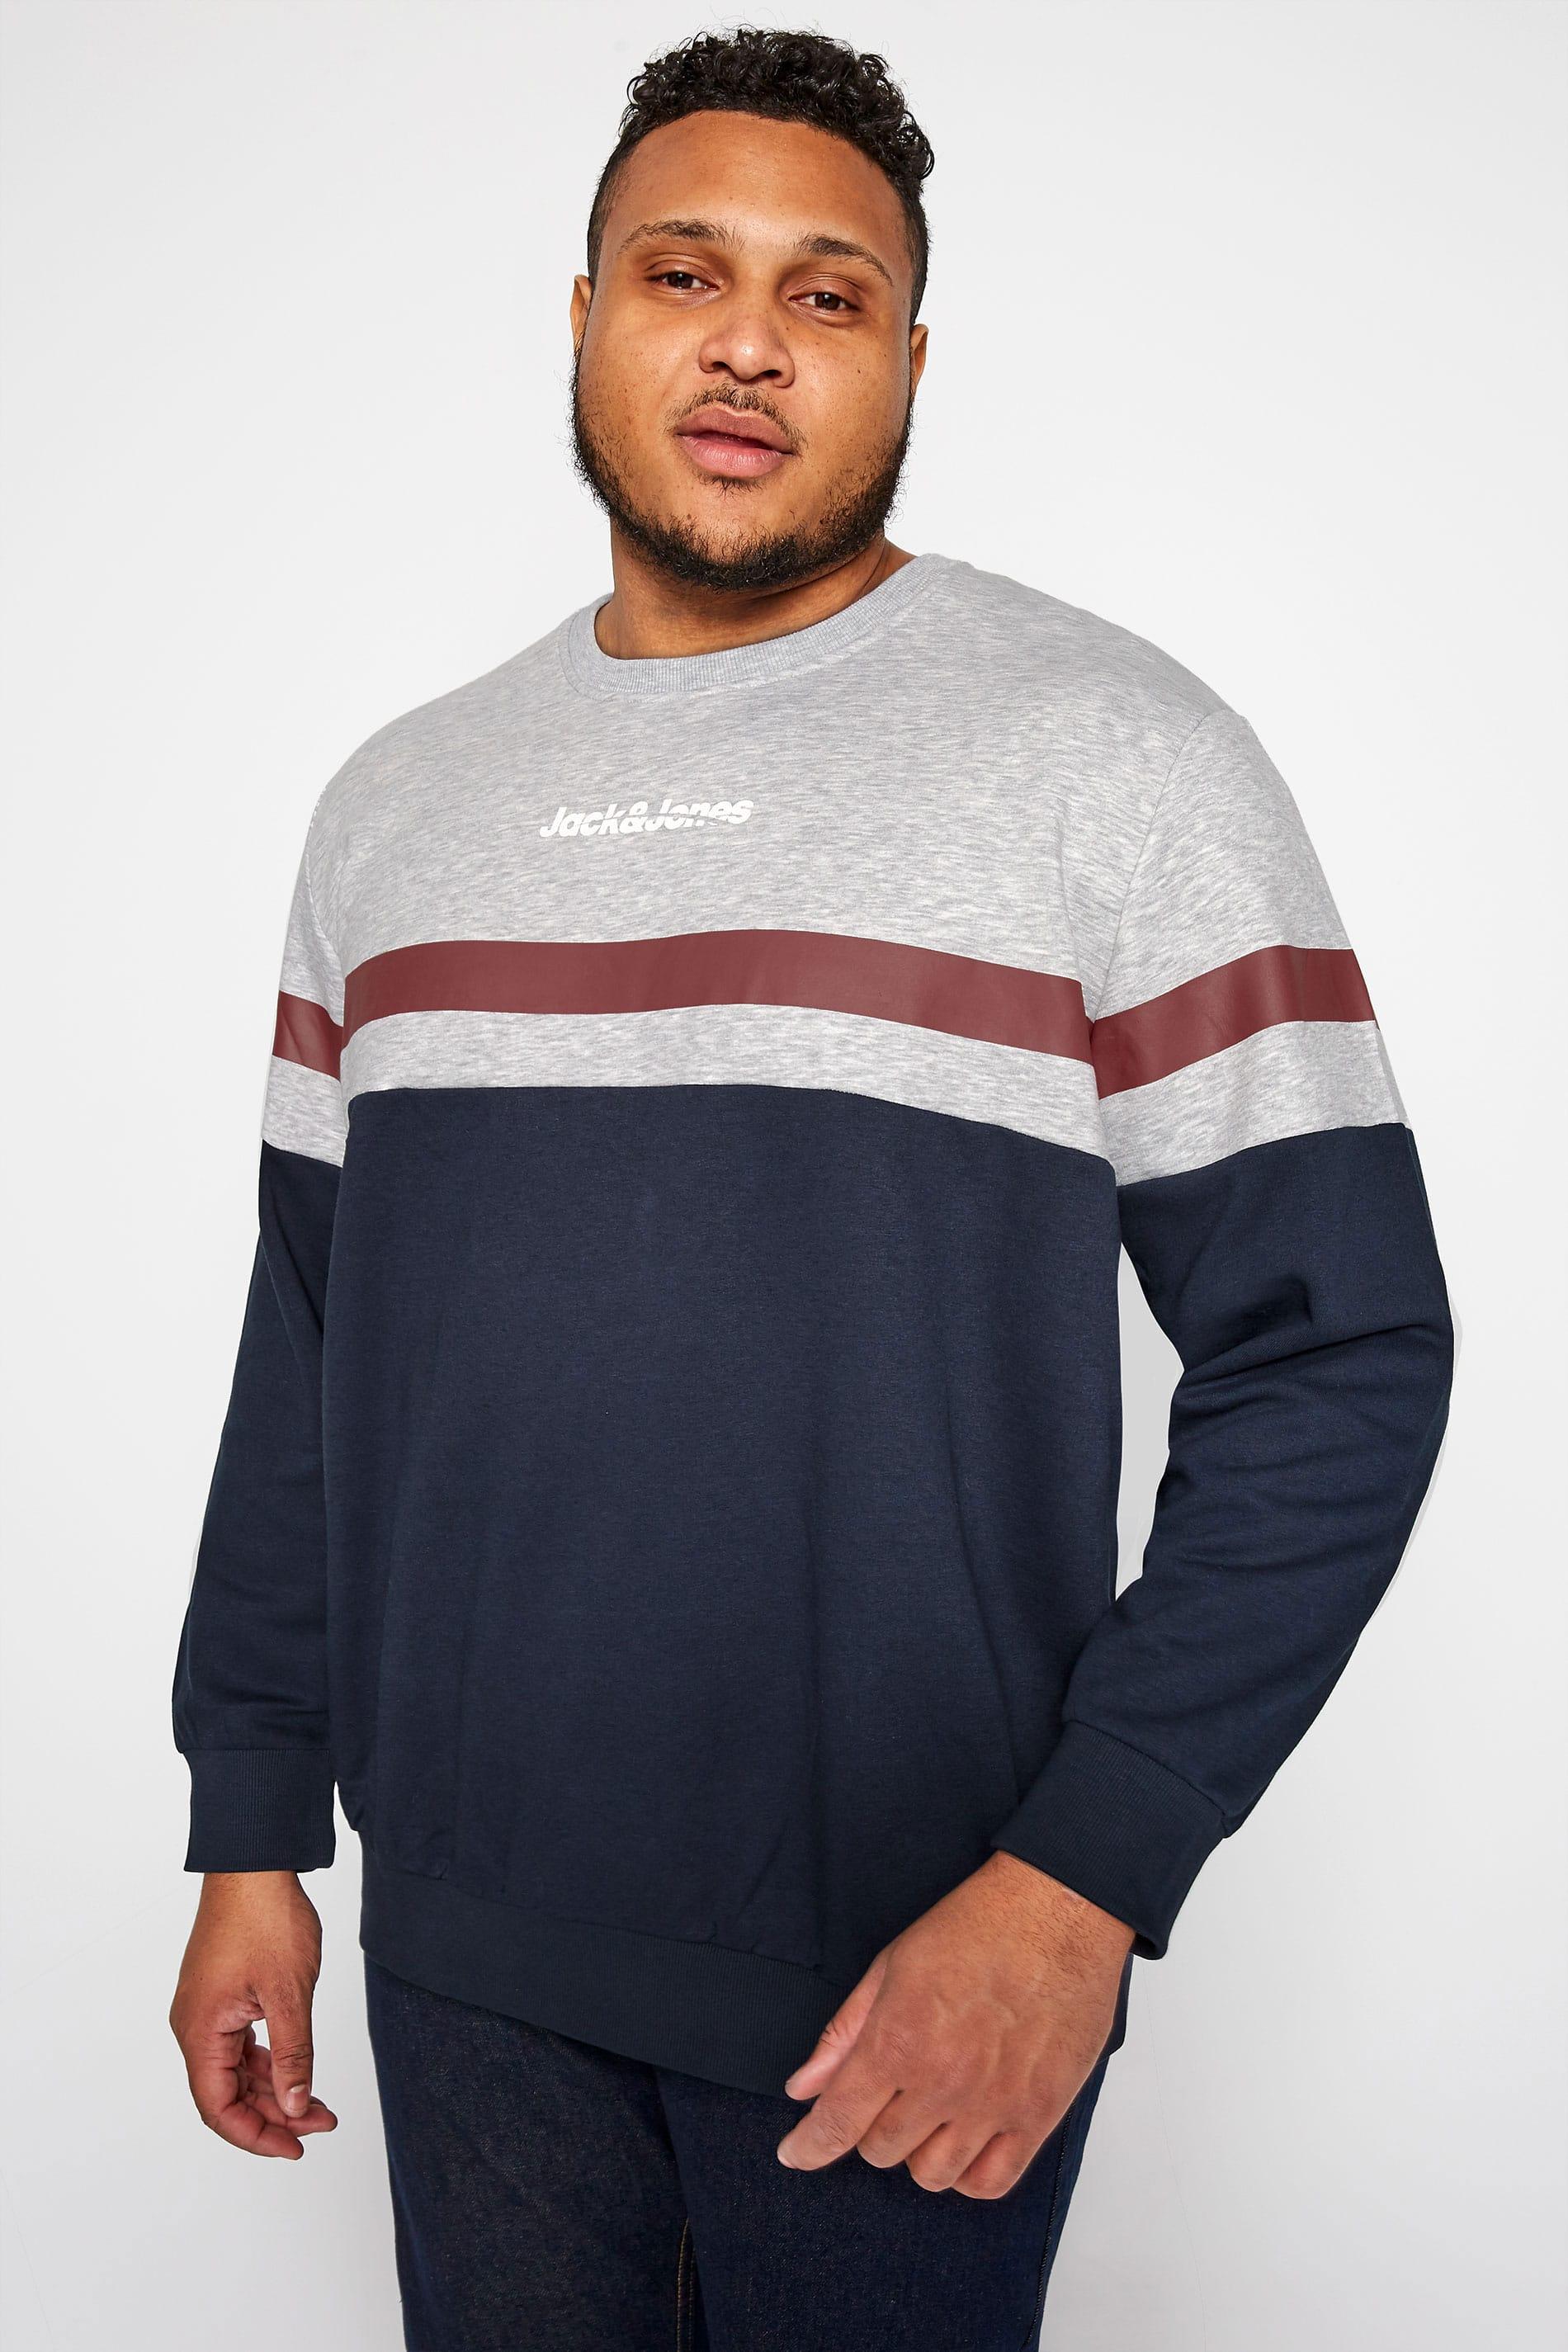 JACK & JONES Grey & Navy Colour Block Sweatshirt